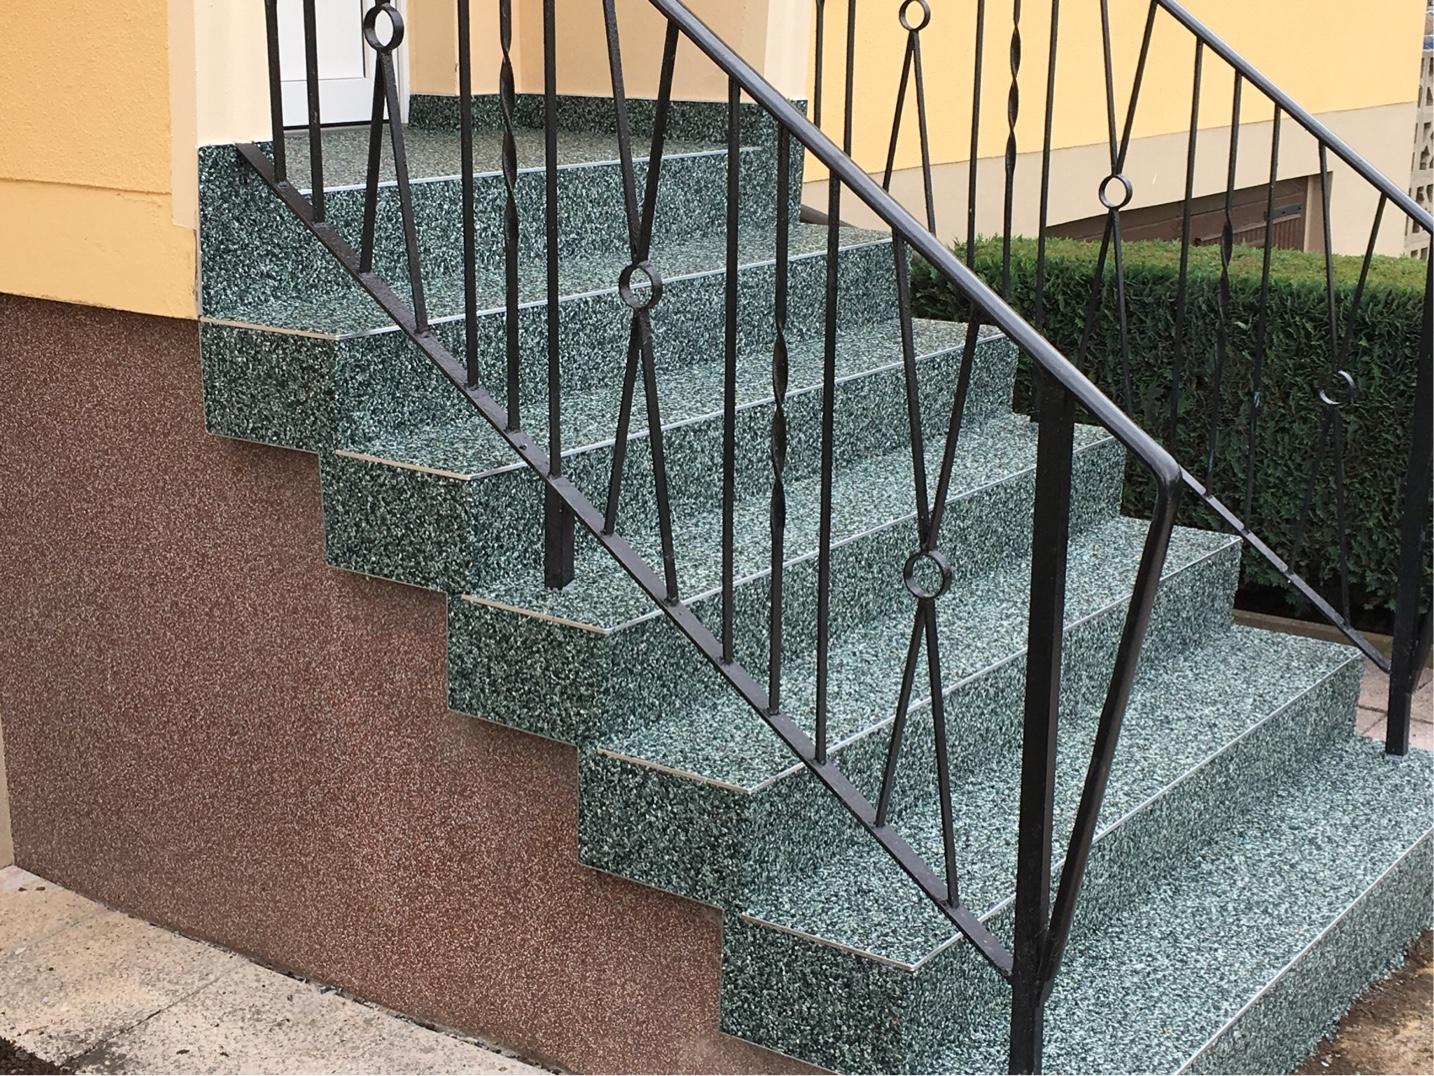 Die Firma Kunze in Meisdorf hat sich auf die Beschichtung von Böden und Treppen mit Flüssigkunststoff spezialisiert. FOTO: PRIVAT